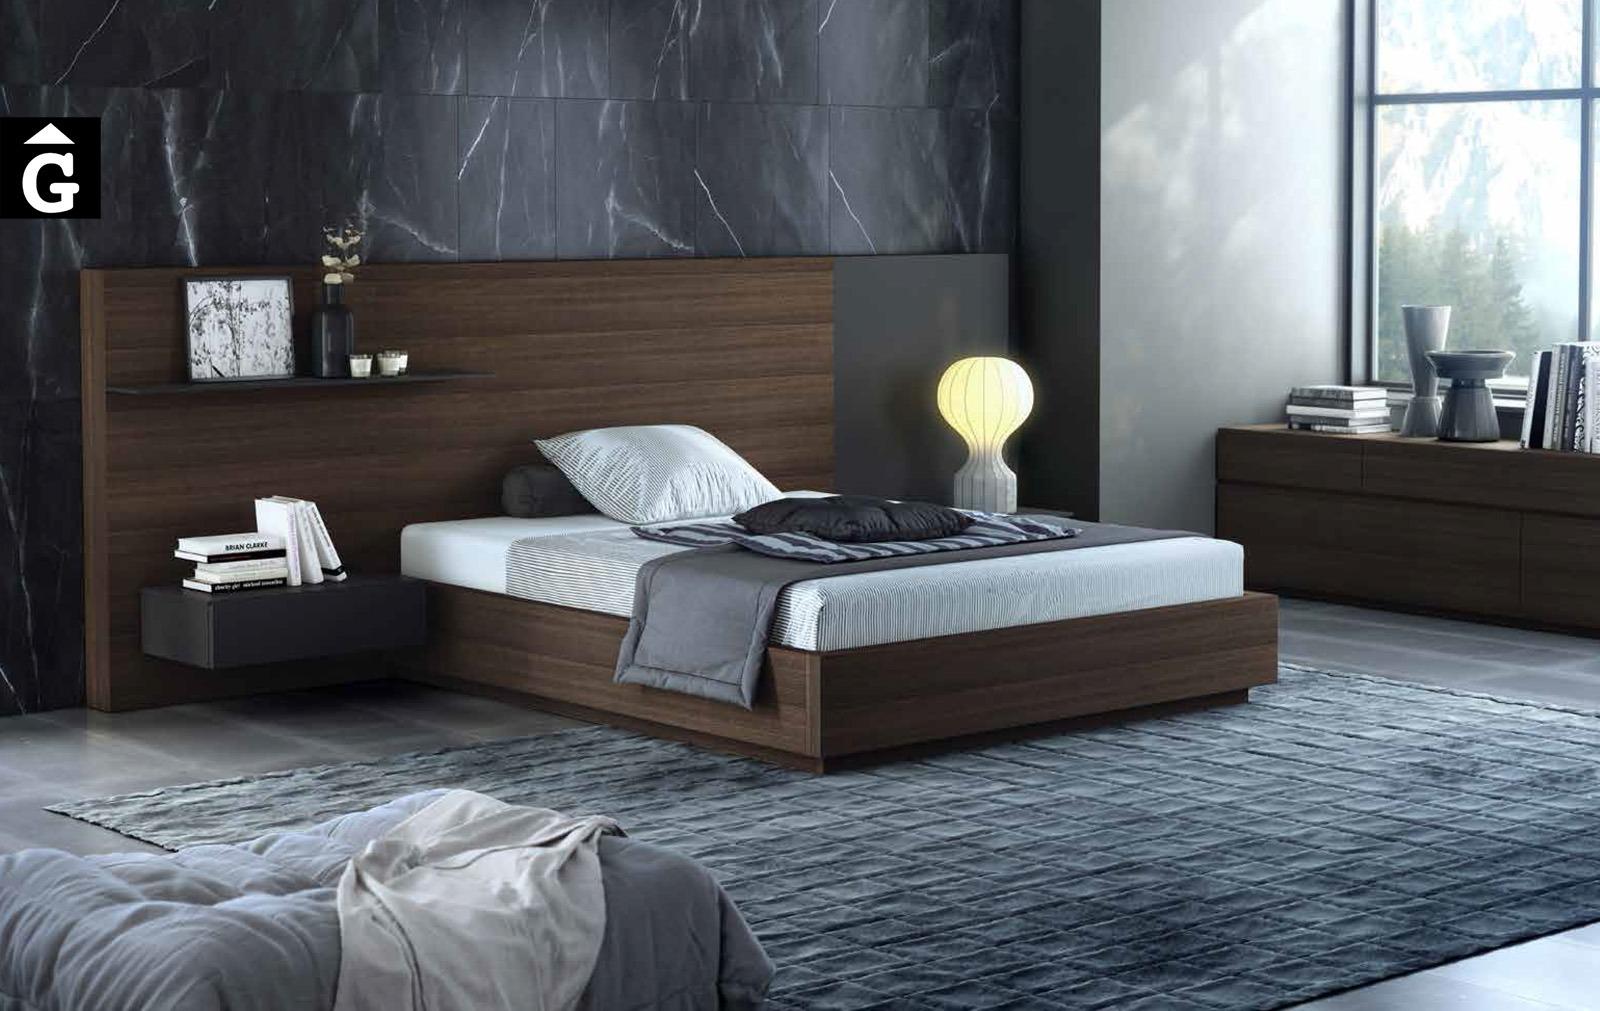 21 0 Area mobles Ciurans per mobles Gifreu programa modular disseny atemporal realitzat amb materials i ferratges de qualitat estil modern minimal